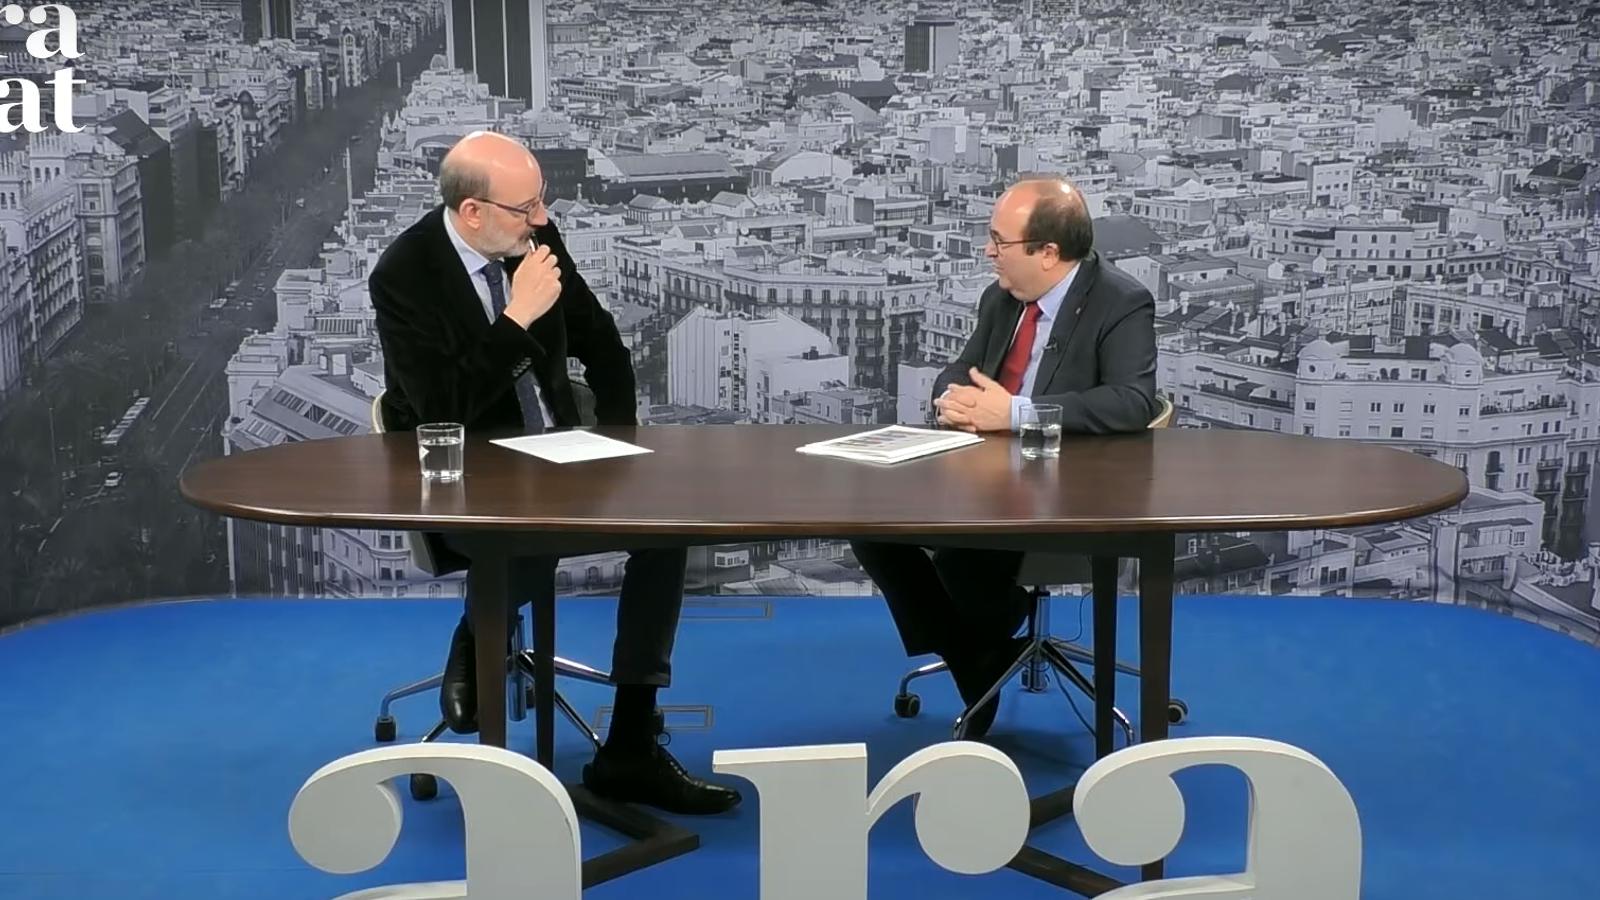 Captura de l'entrevista d'Antoni Bassas a Miquel Iceta al plató de l'ARA